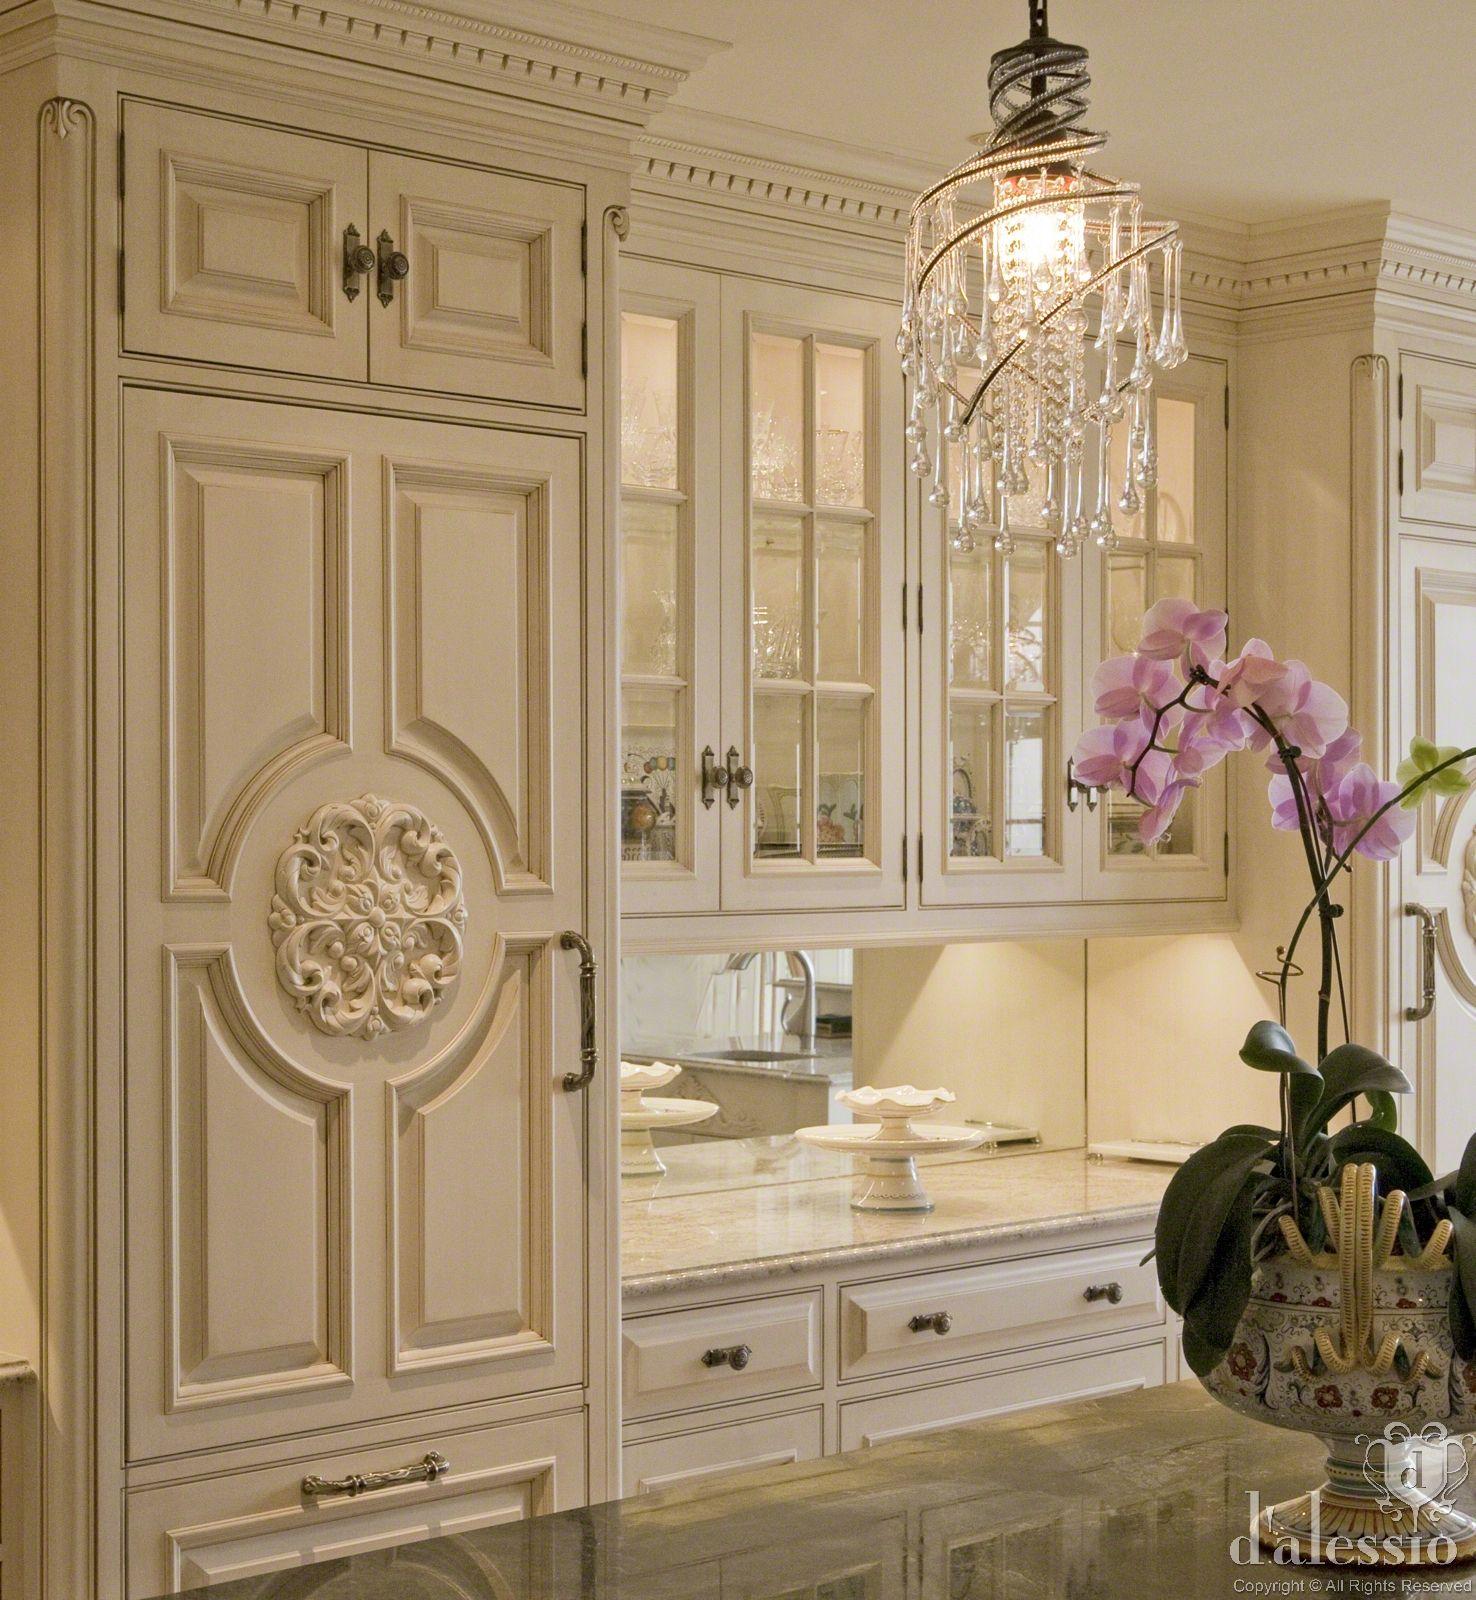 Gorgeous design & millwork details! European Kitchen by D'aslessio ...